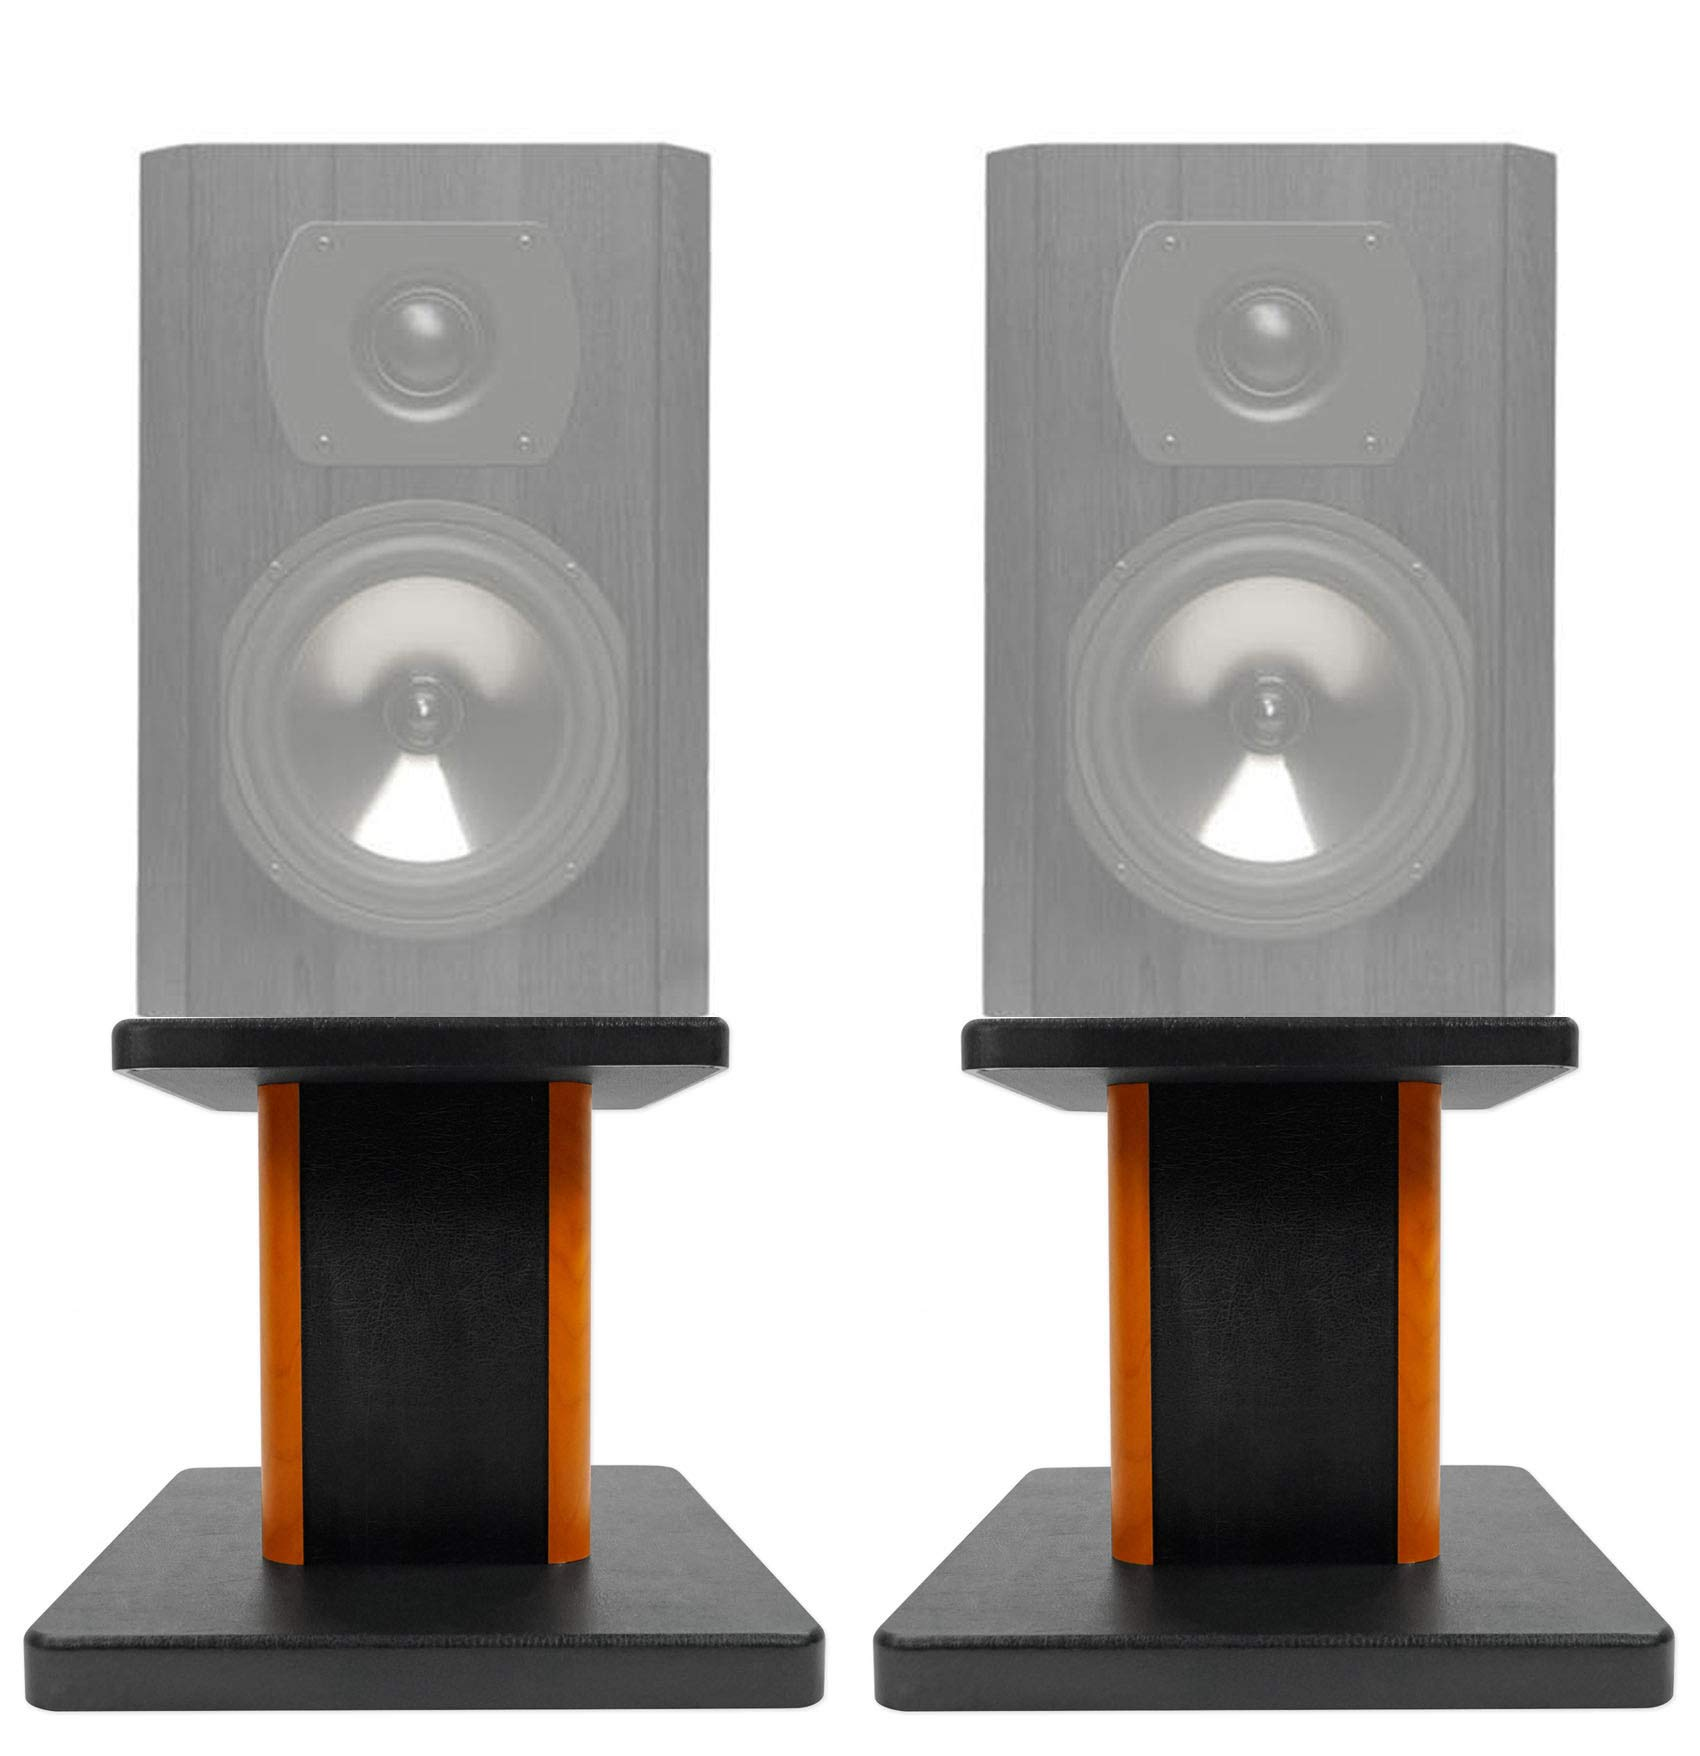 ROCKVILLE 2 8'' Wood Bookshelf Speaker Stands for Boston Acoustics CS23 Bookshelf Speakers